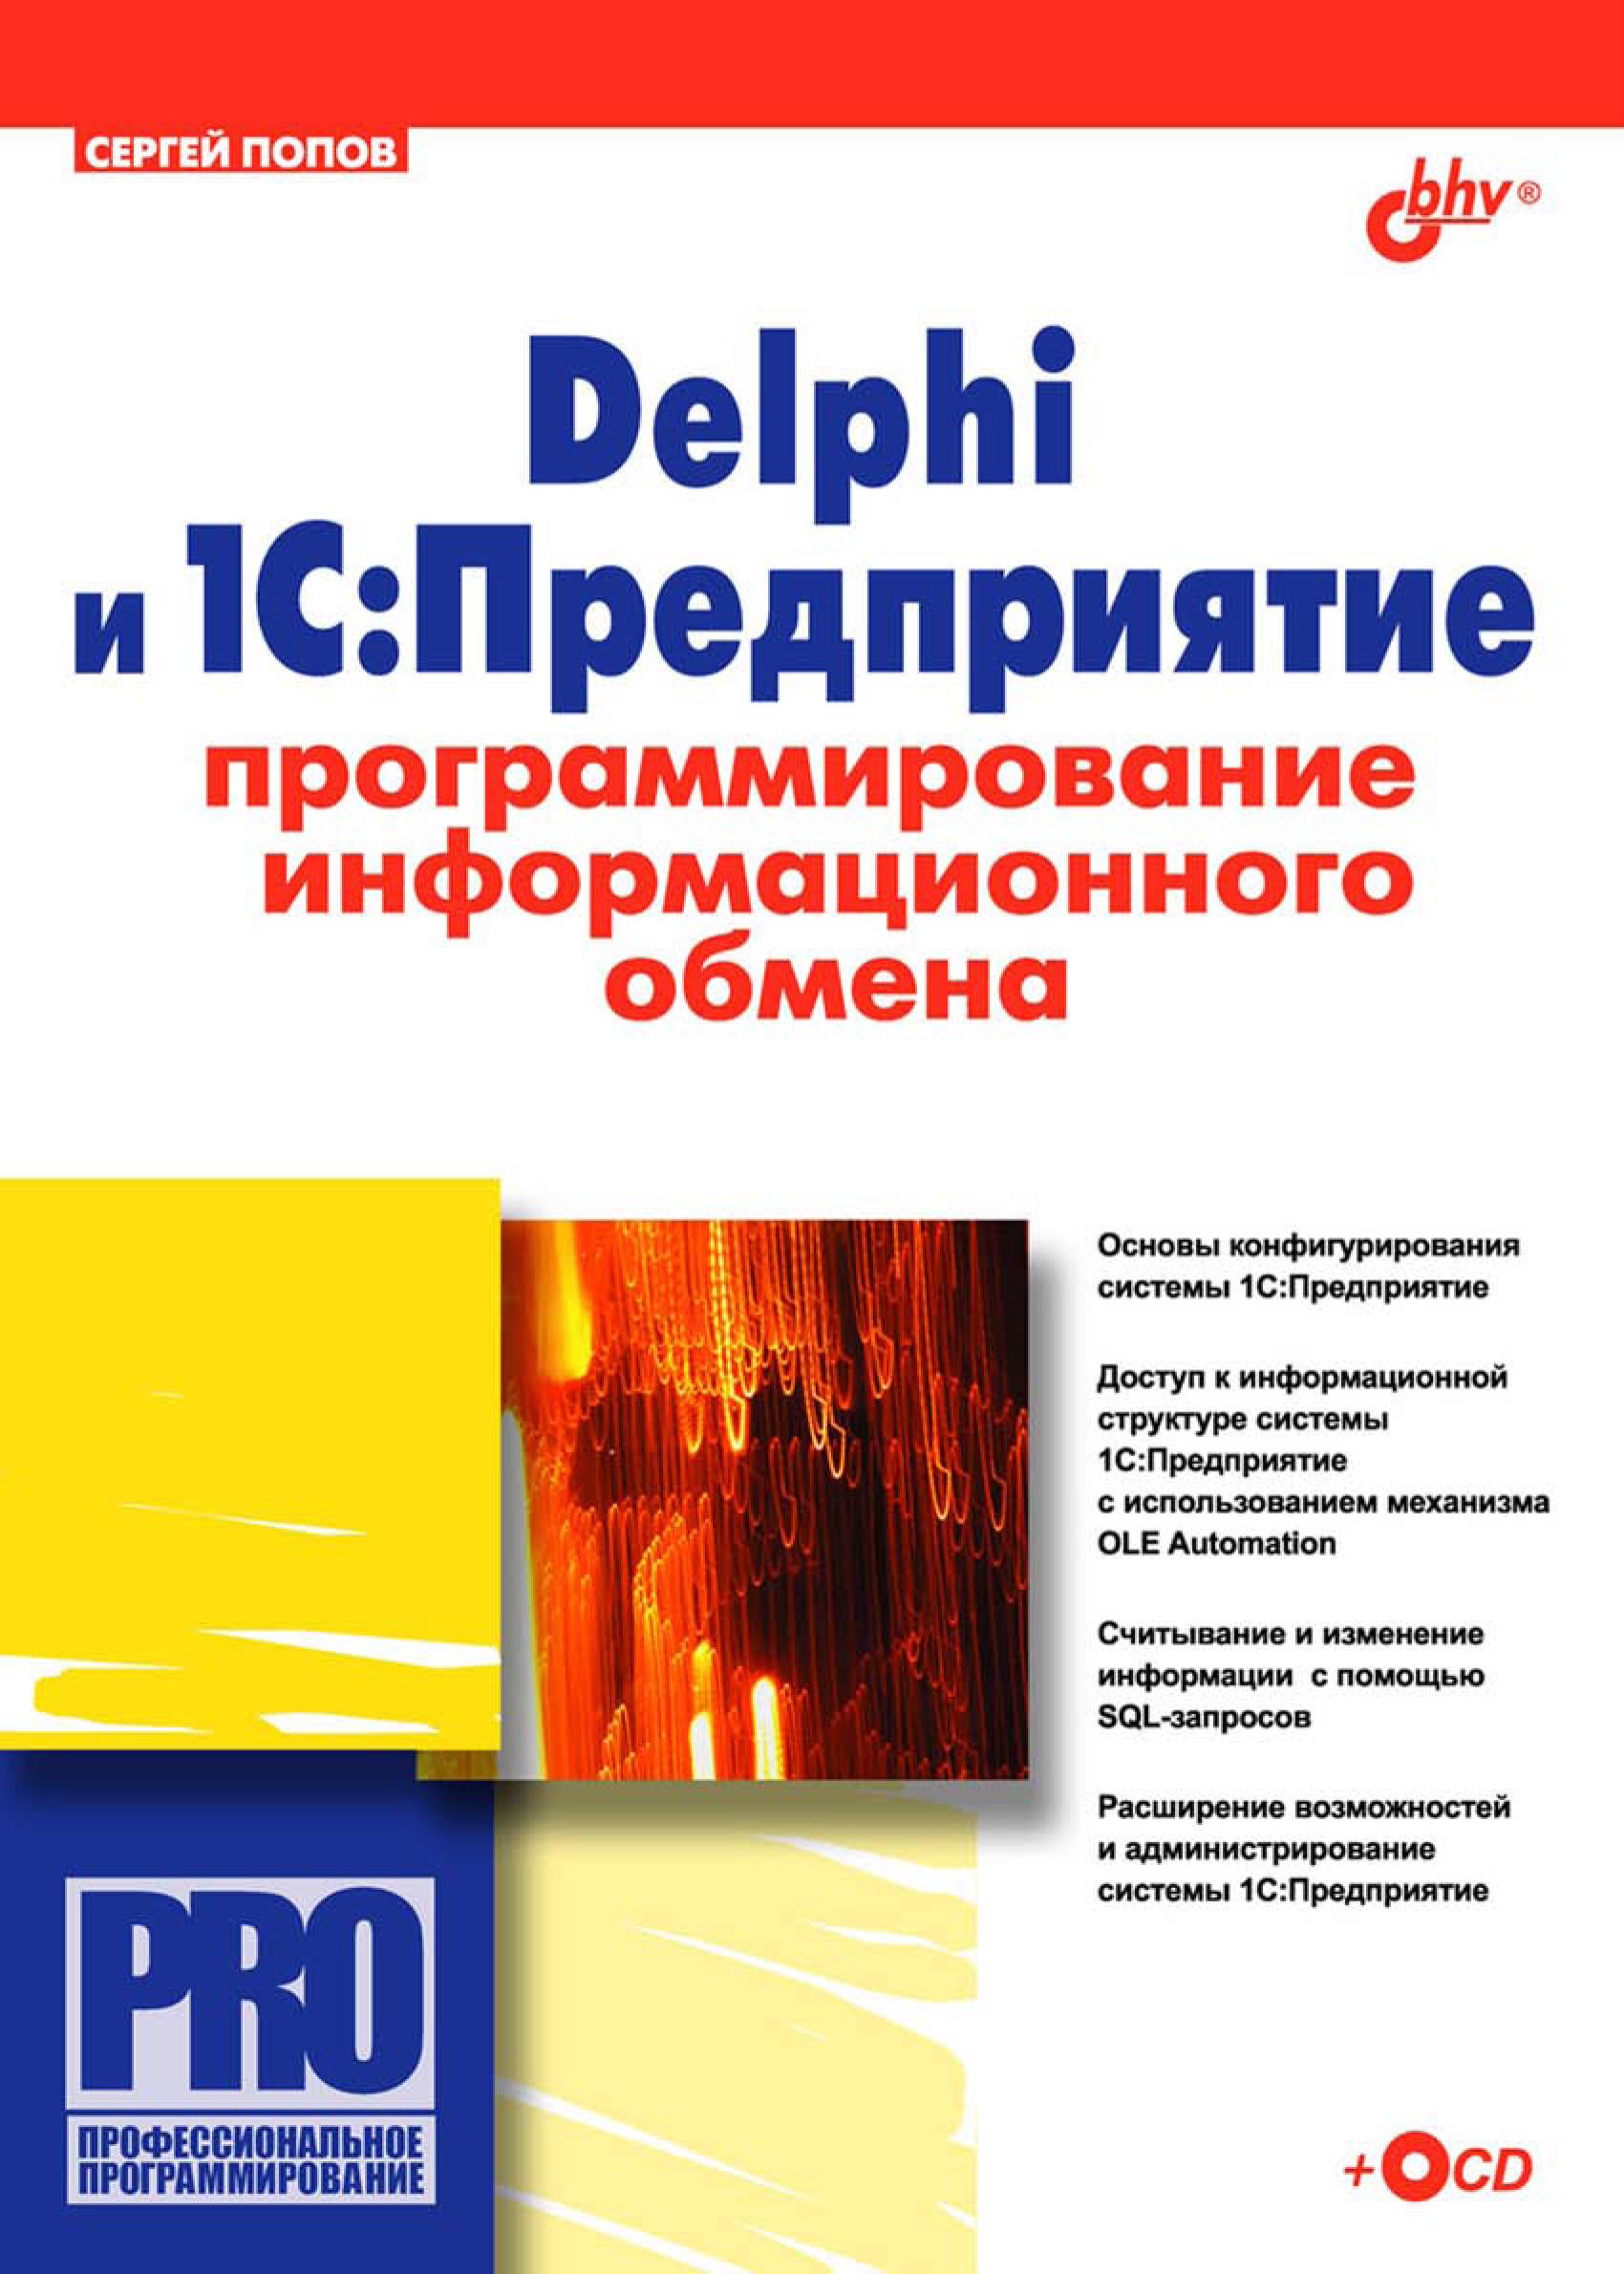 Delphiи 1С:Предприятие. Программирование информационного обмена